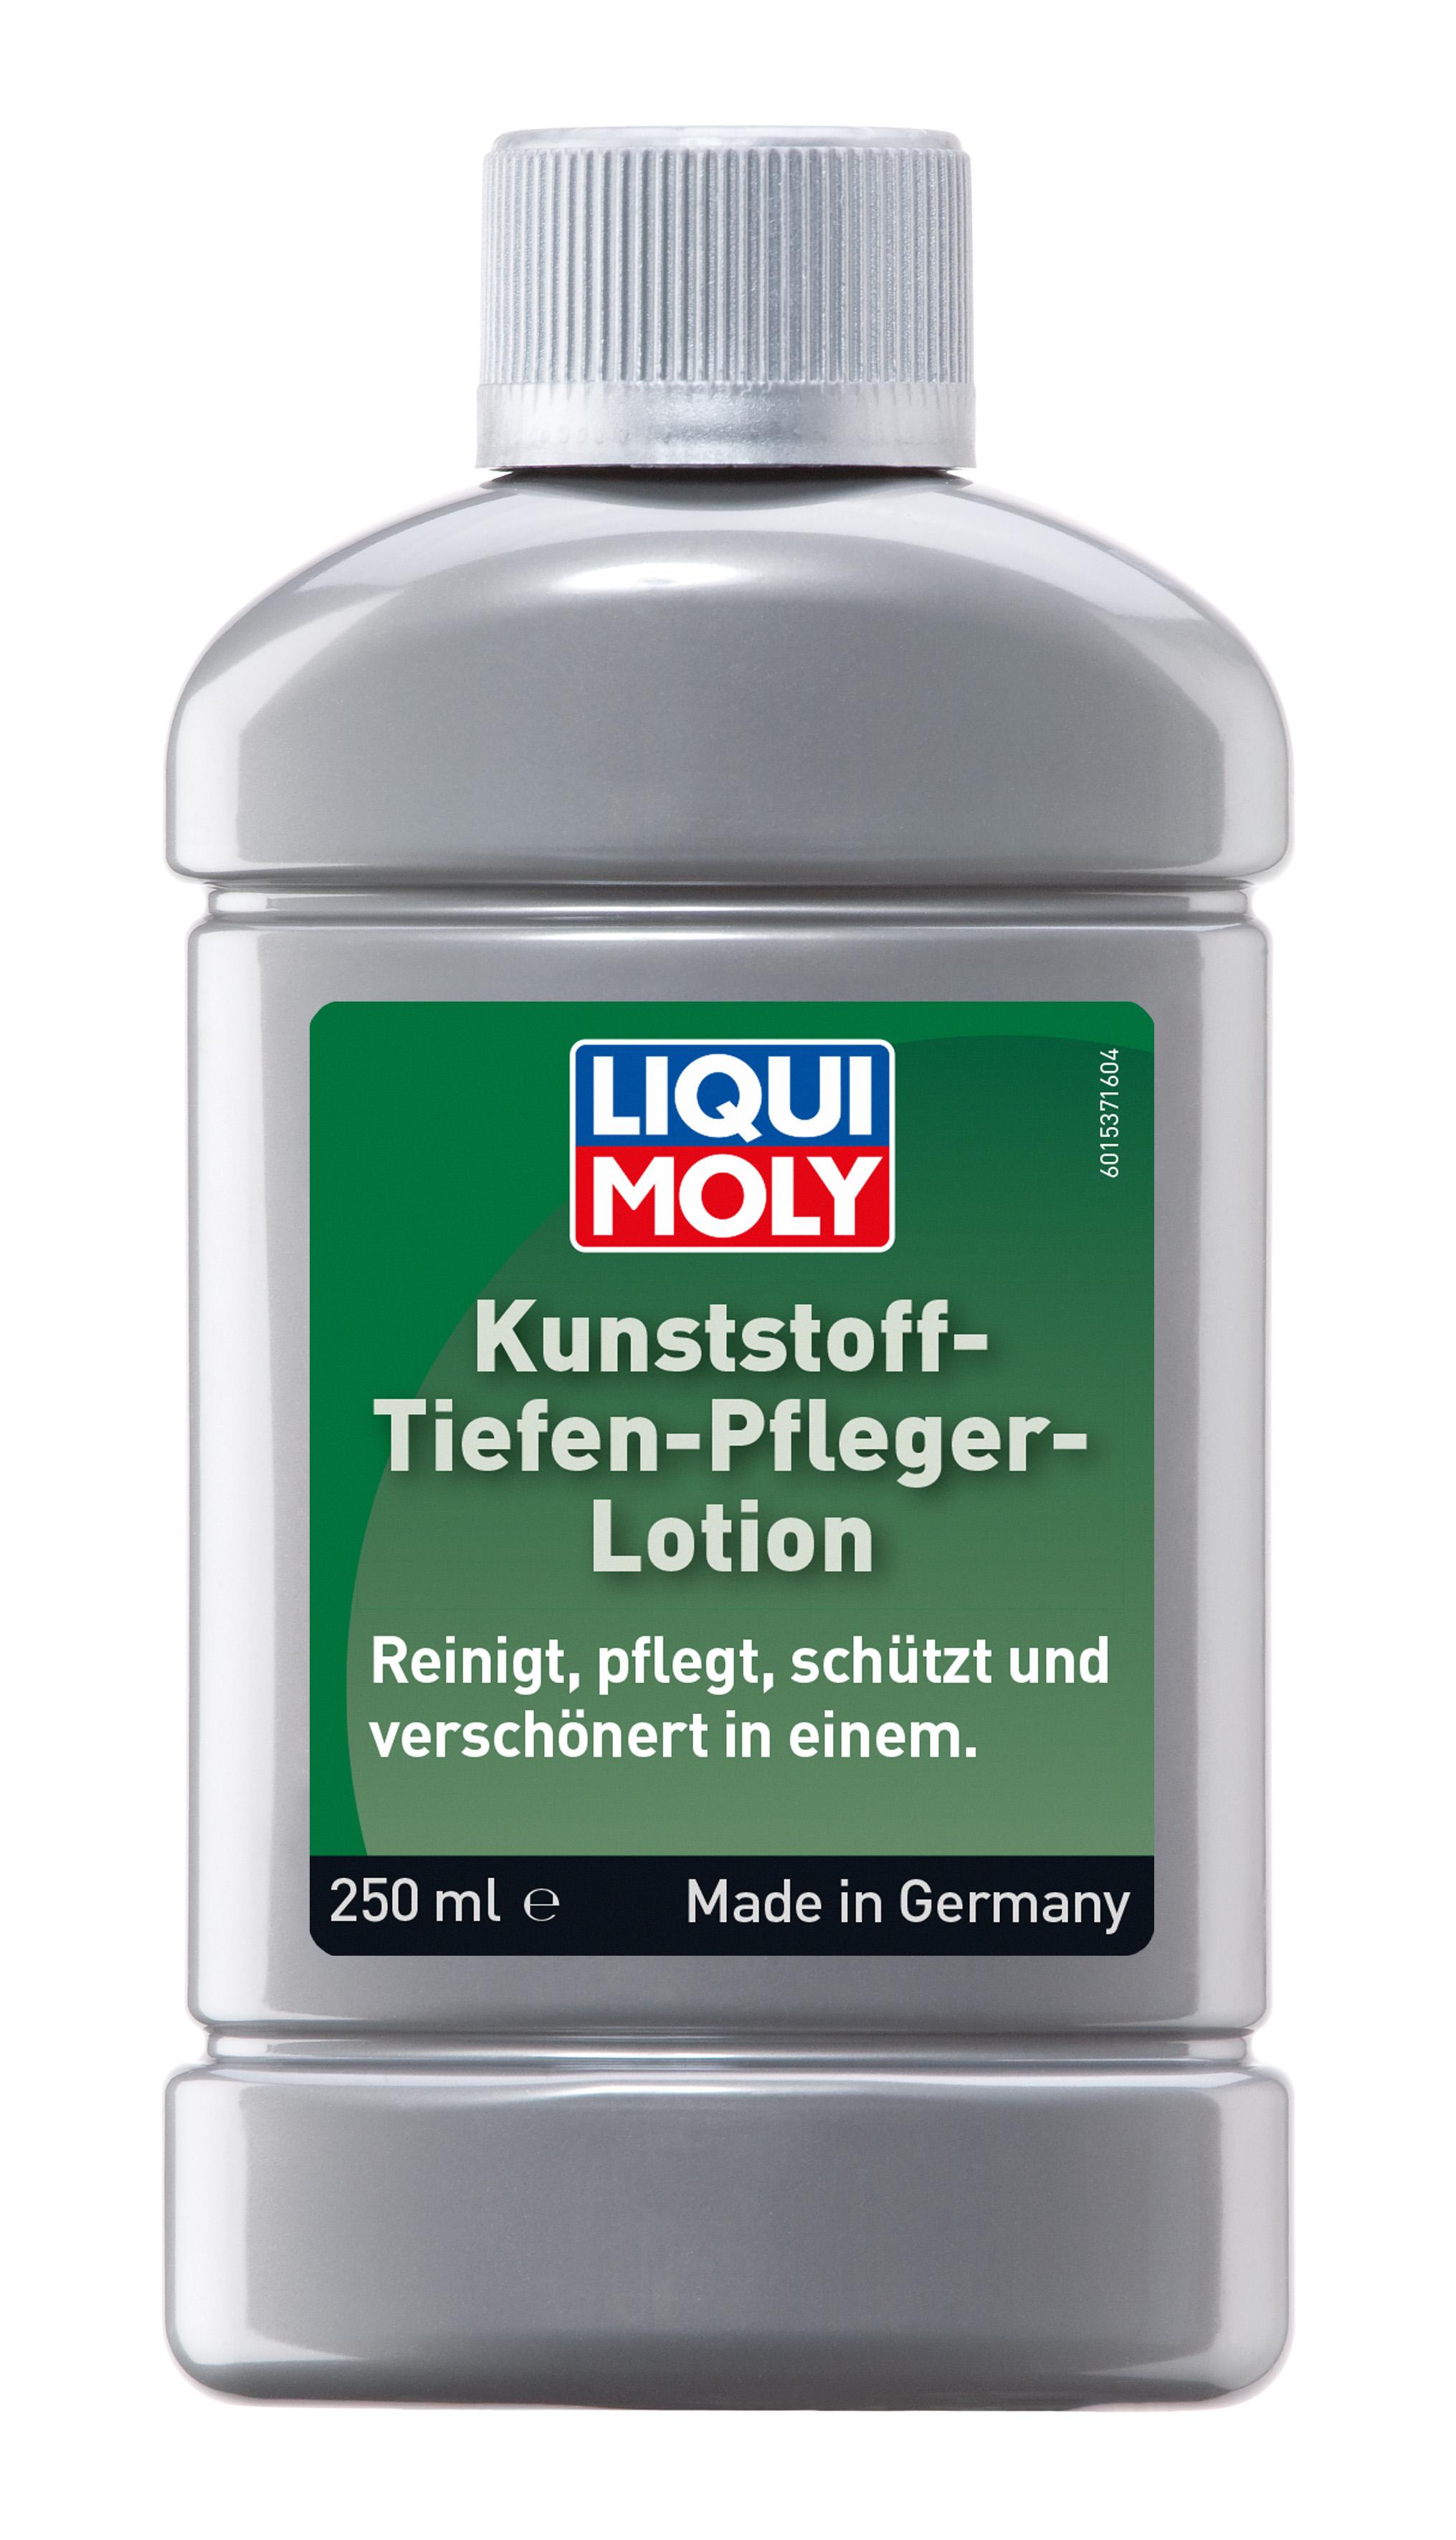 Лосьон для ухода за пластиком Kunststoff-Tiefen-Pfleger-Lotion